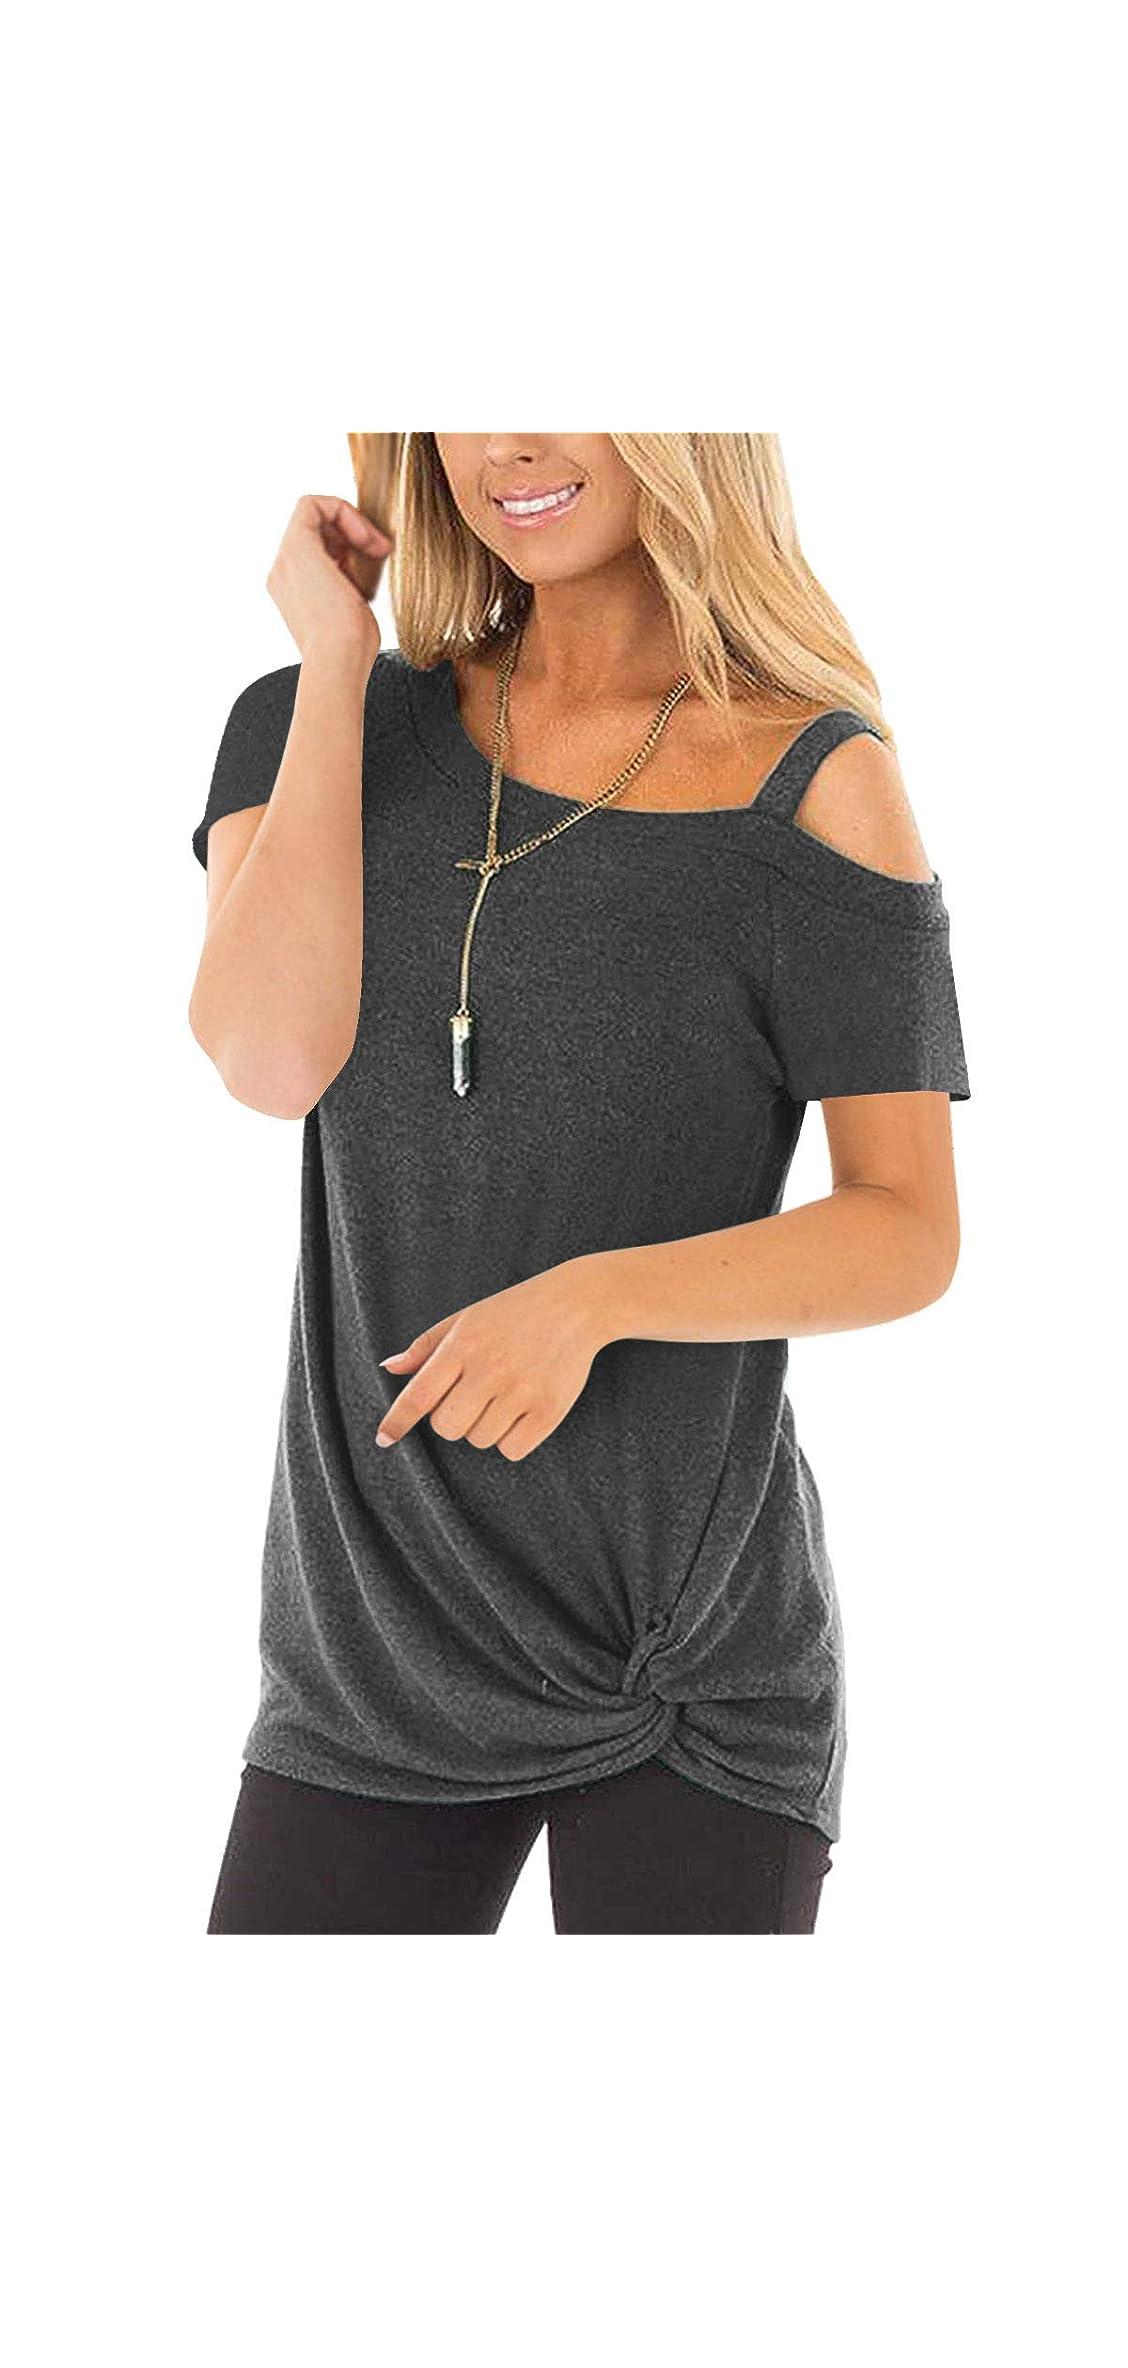 Knot Hem Top Women One Shoulder Strappy Cold Shoulder T-shirt